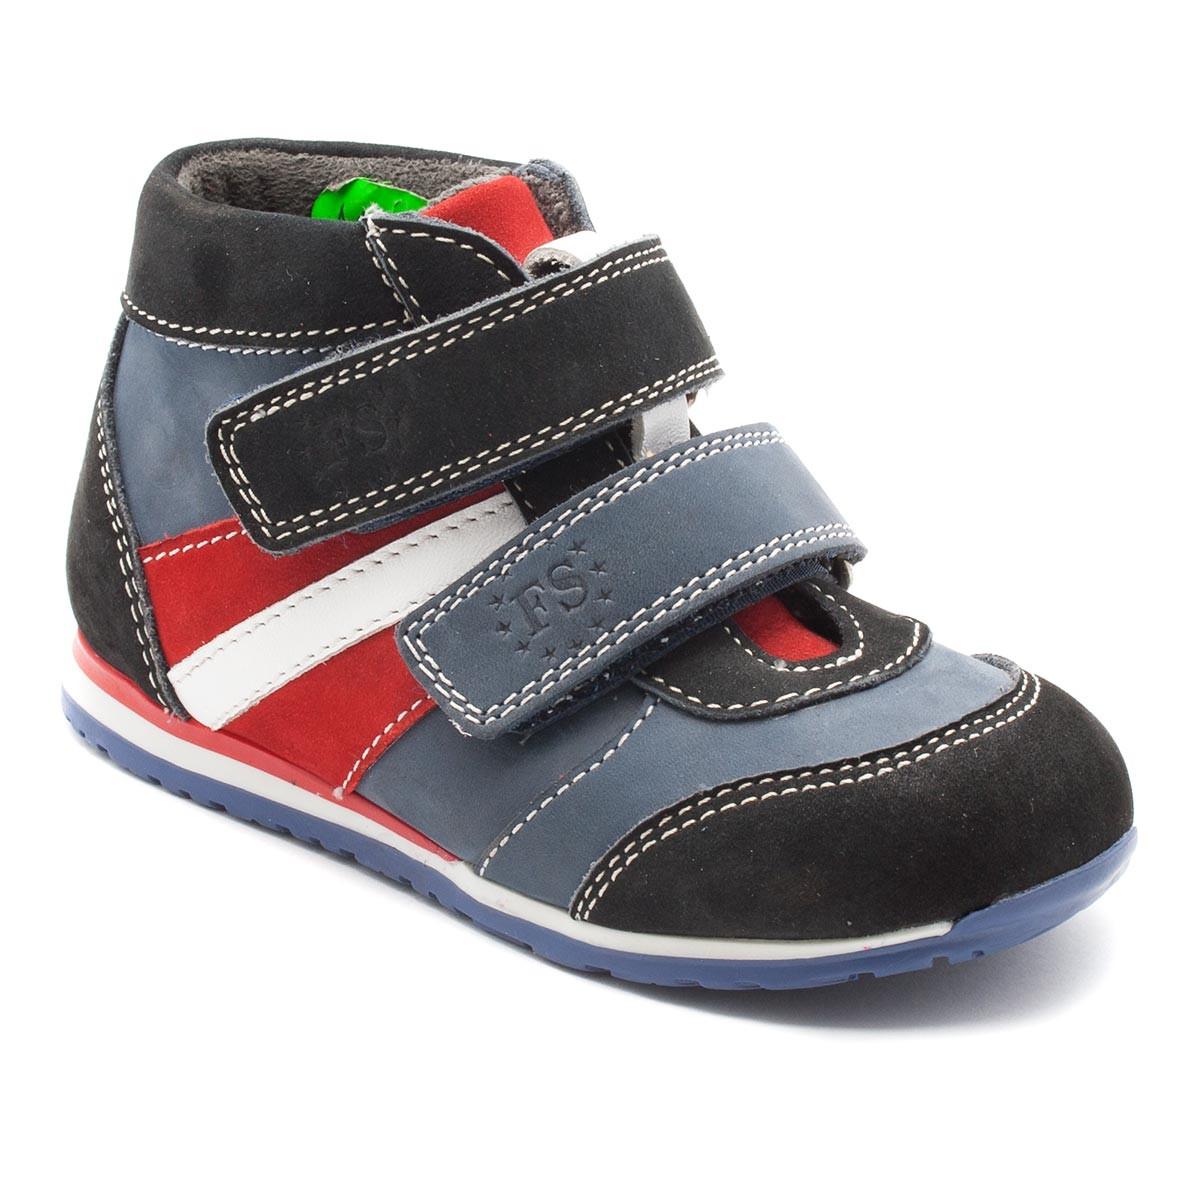 Кожаные ботинки FS Сollection, демисезонные, размер 20-30